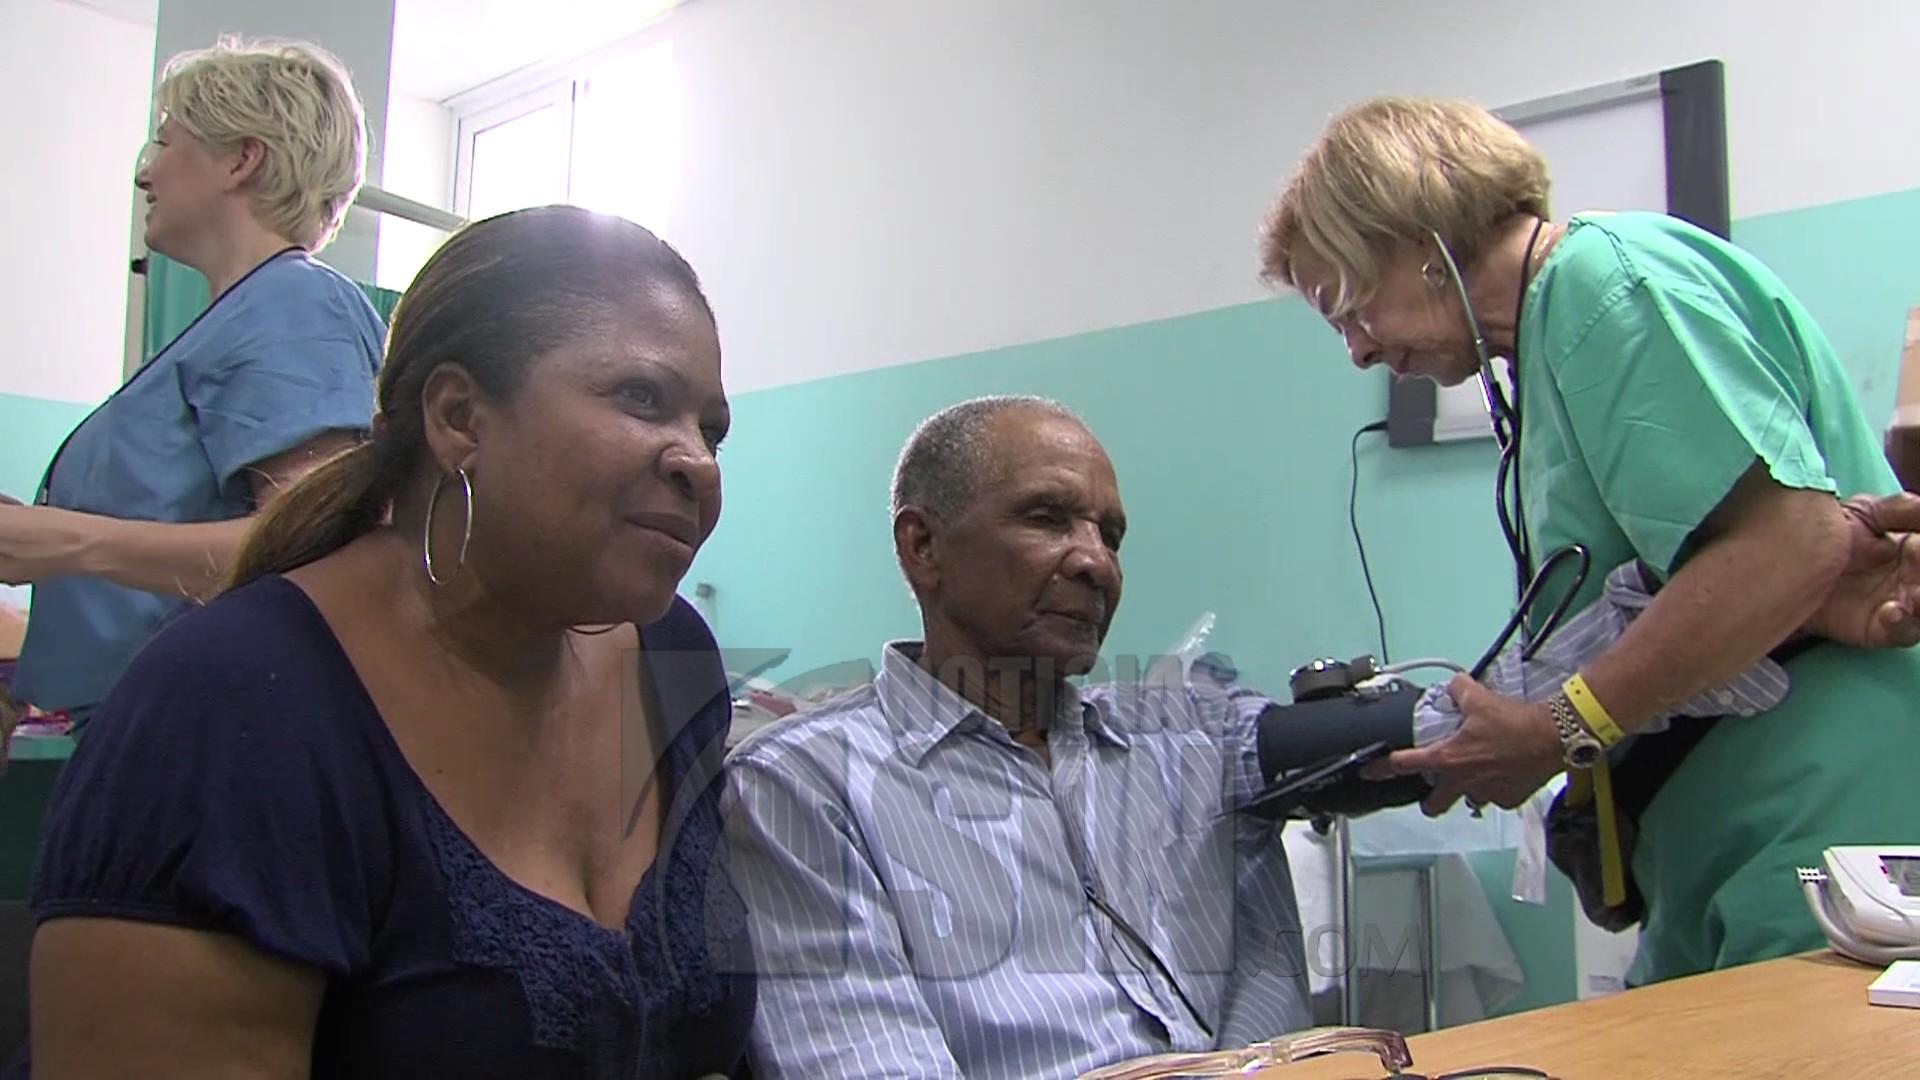 Las personas con antecedentes cardiovasculares en su familia debenrealizarse chequeo temprano